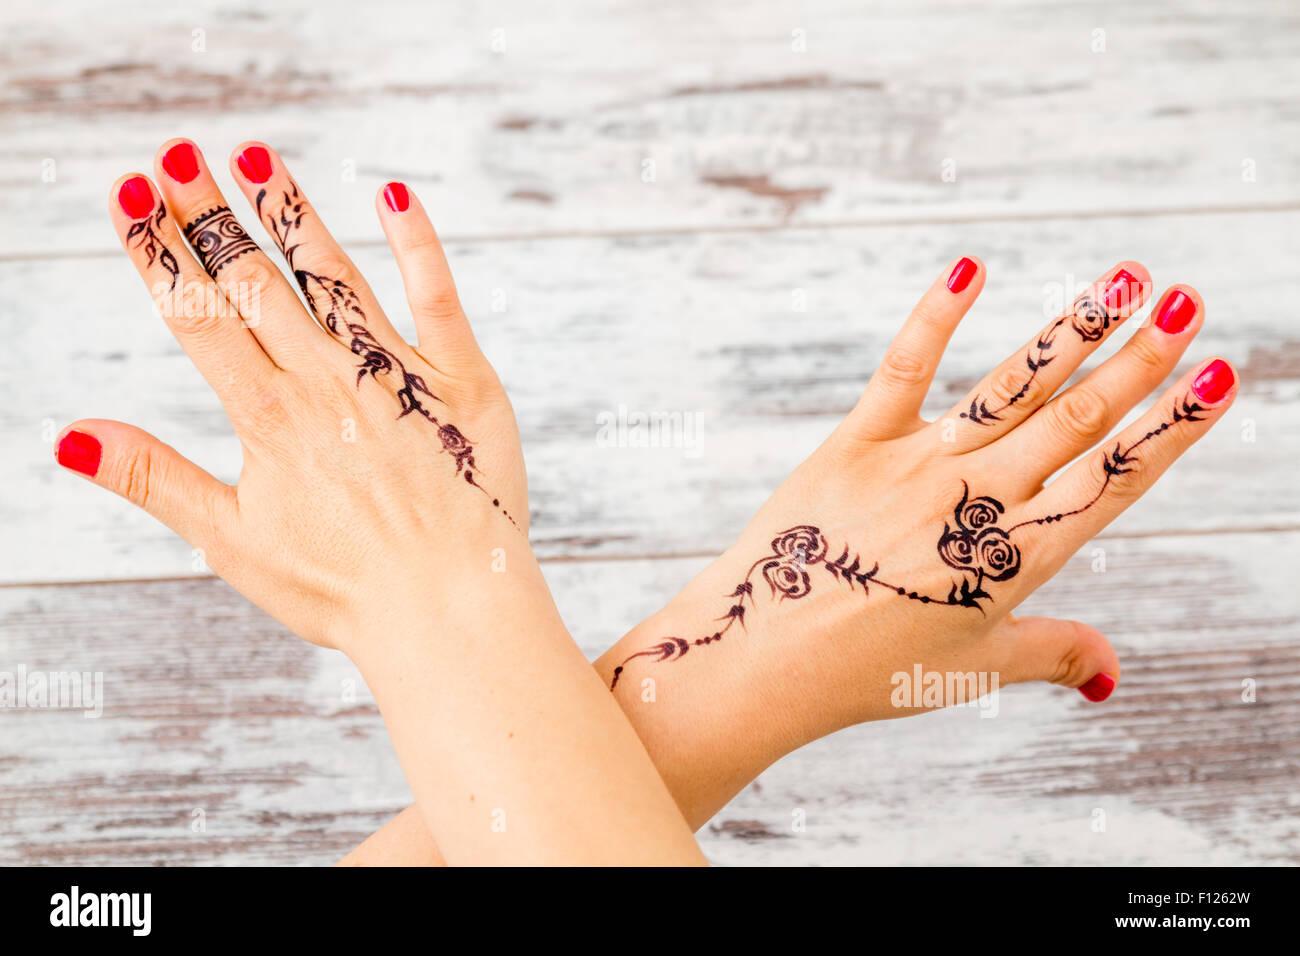 Frau Hände mit Nagellack, mit floralen Figuren mit schwarzen Henna ...